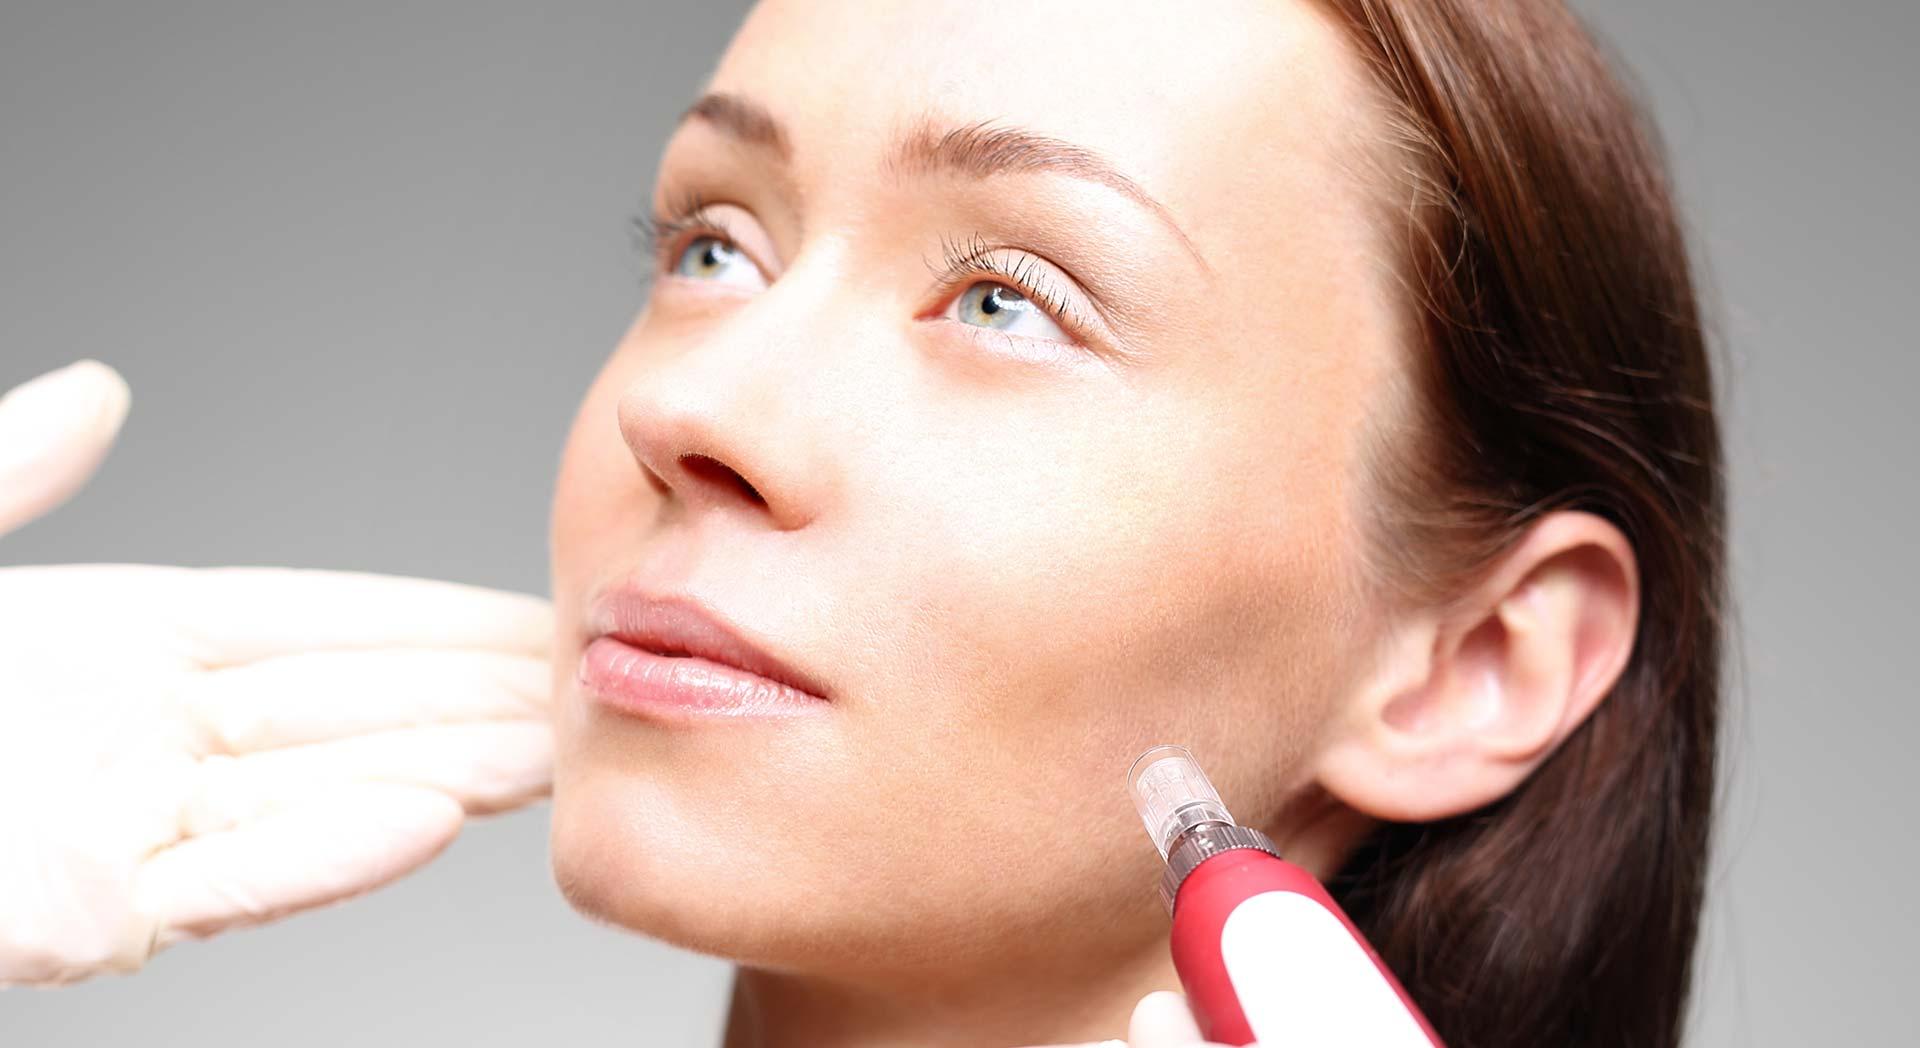 Calgary Skin Smoothing | Facial Esthetics One